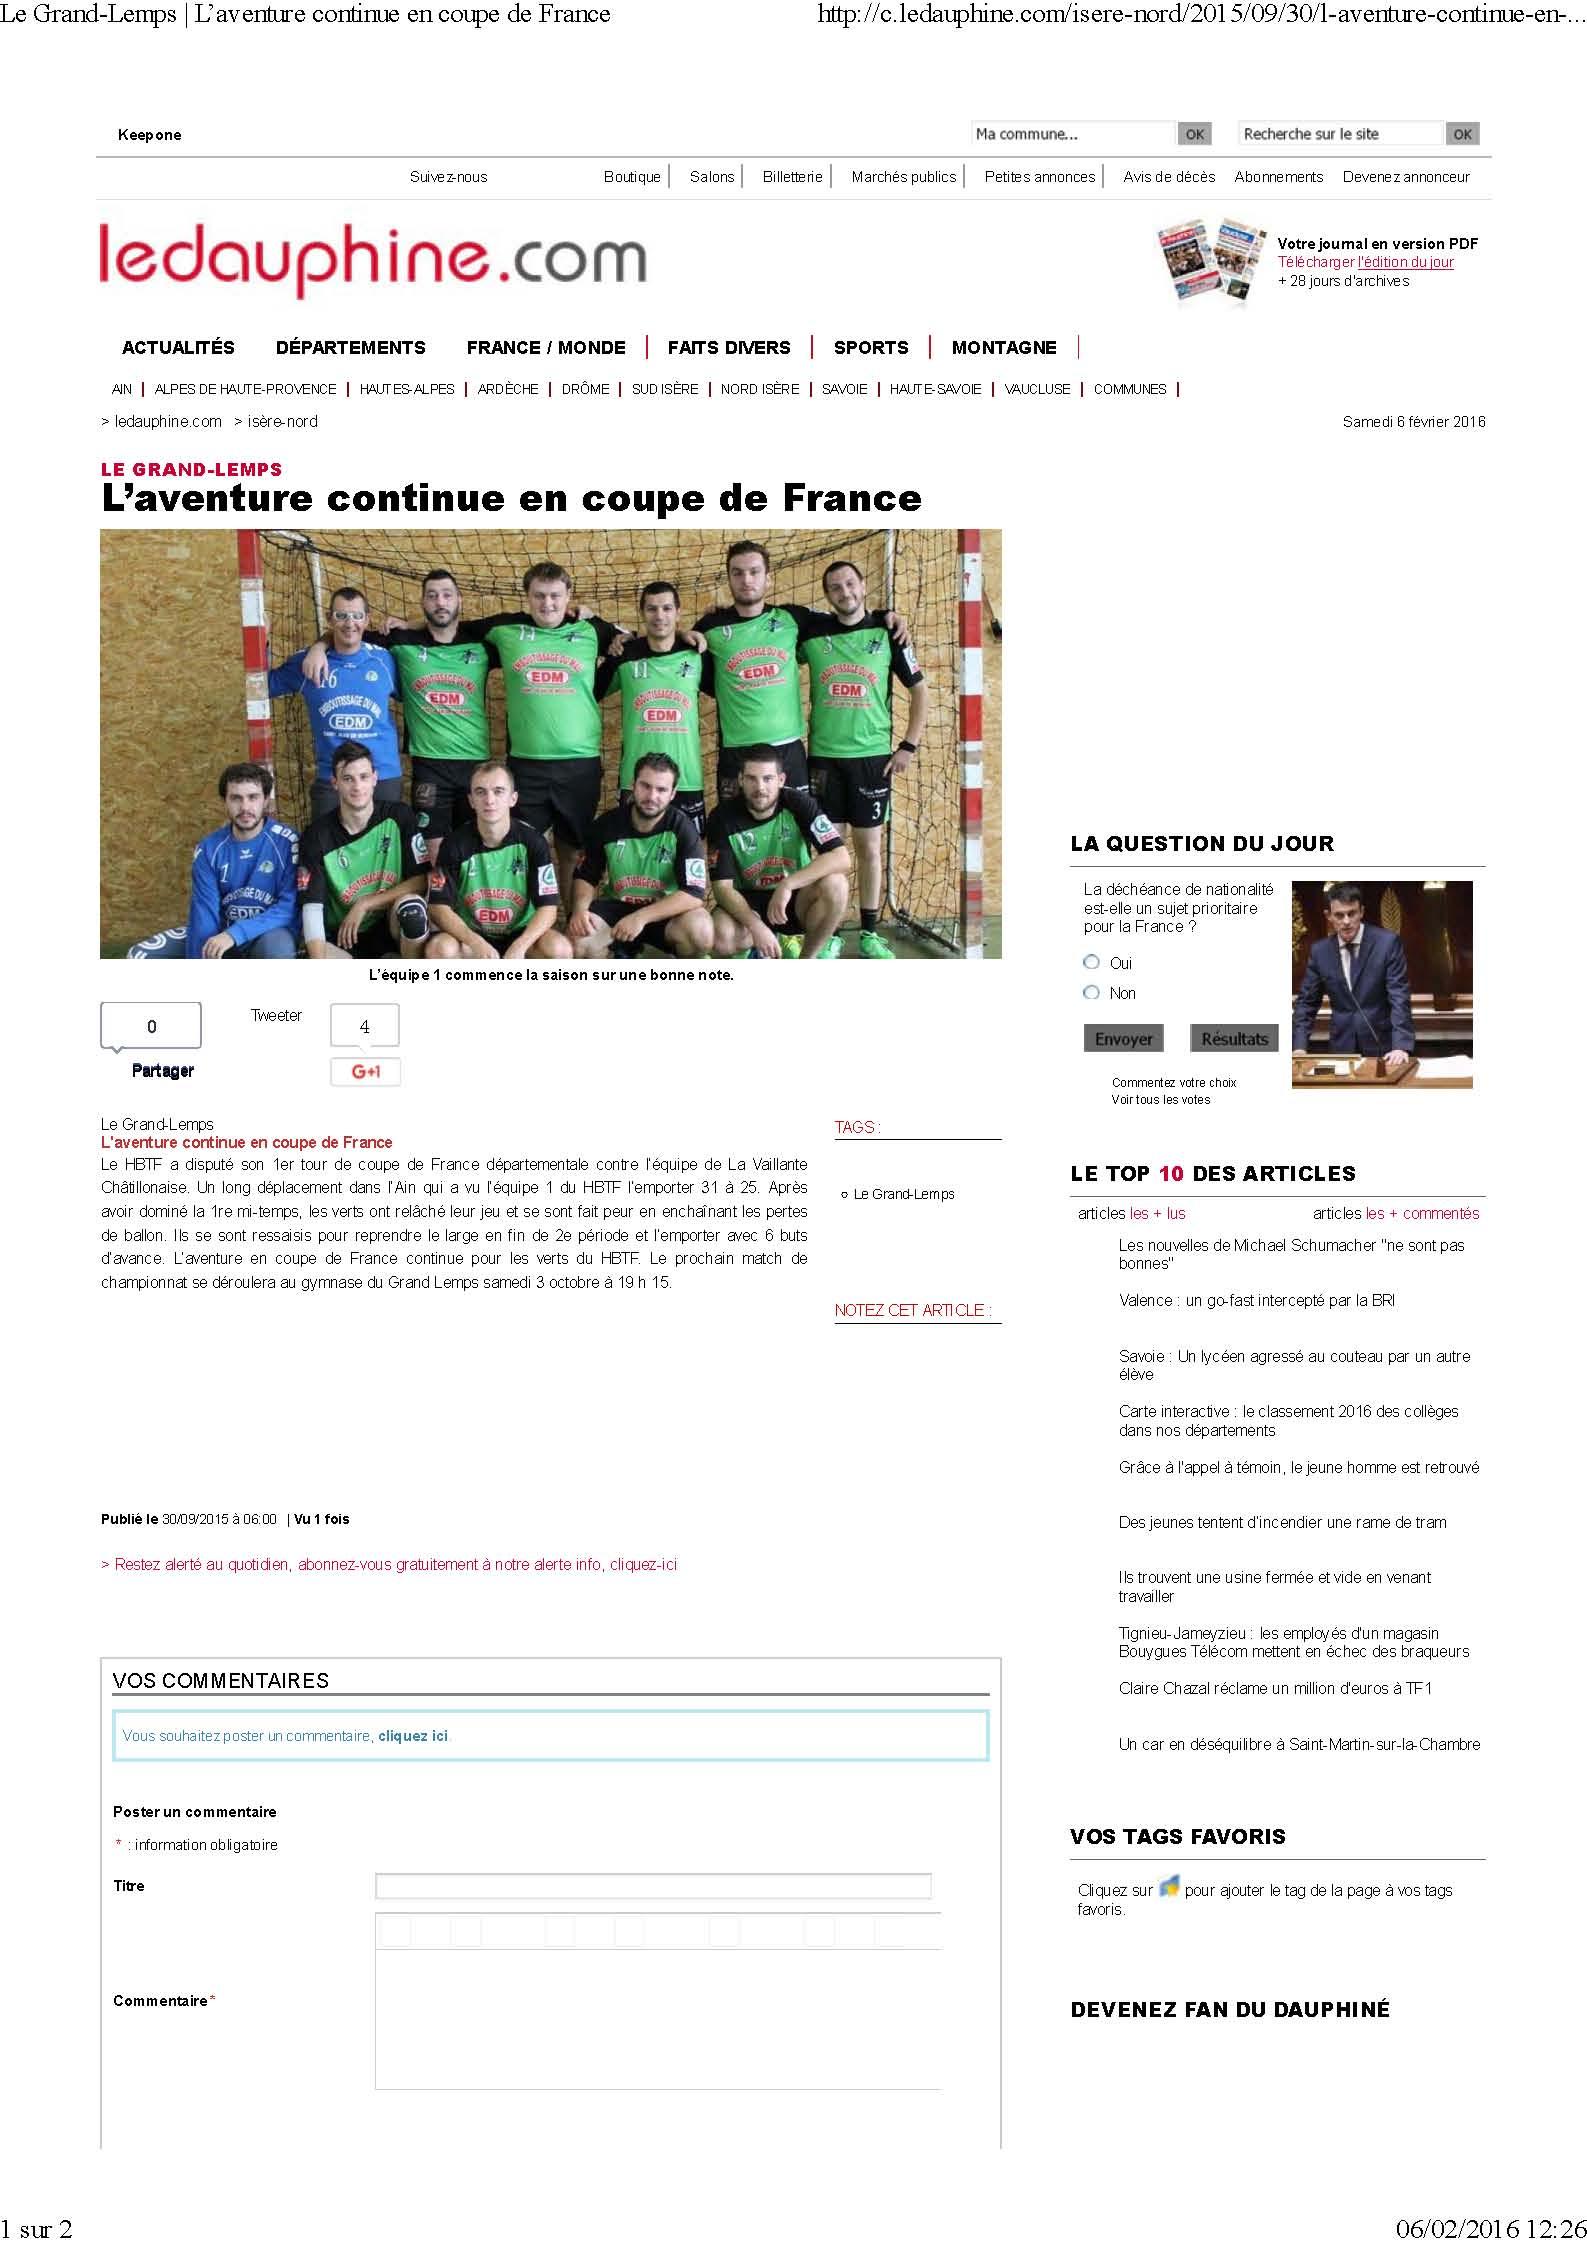 L'aventure continue en coupe de France (article du Dauphiné Libéré) - Hand Bievre Terres Froides - Club de Handball en Isère